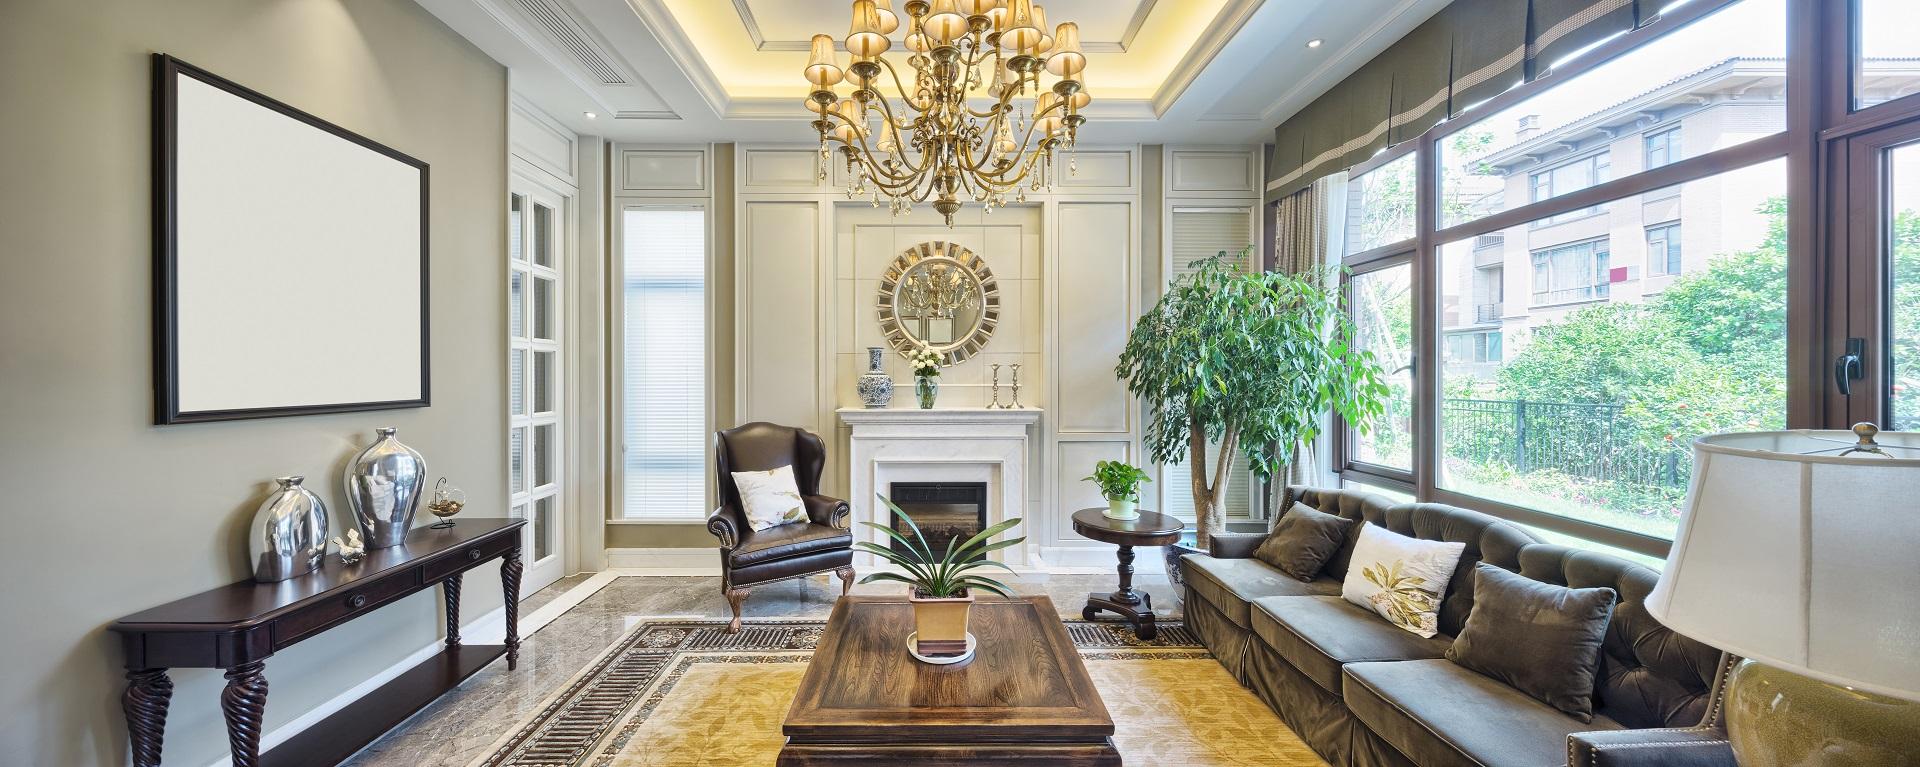 Stilsicher eingerichtetes Wohnzimmer mit Kronleuchter